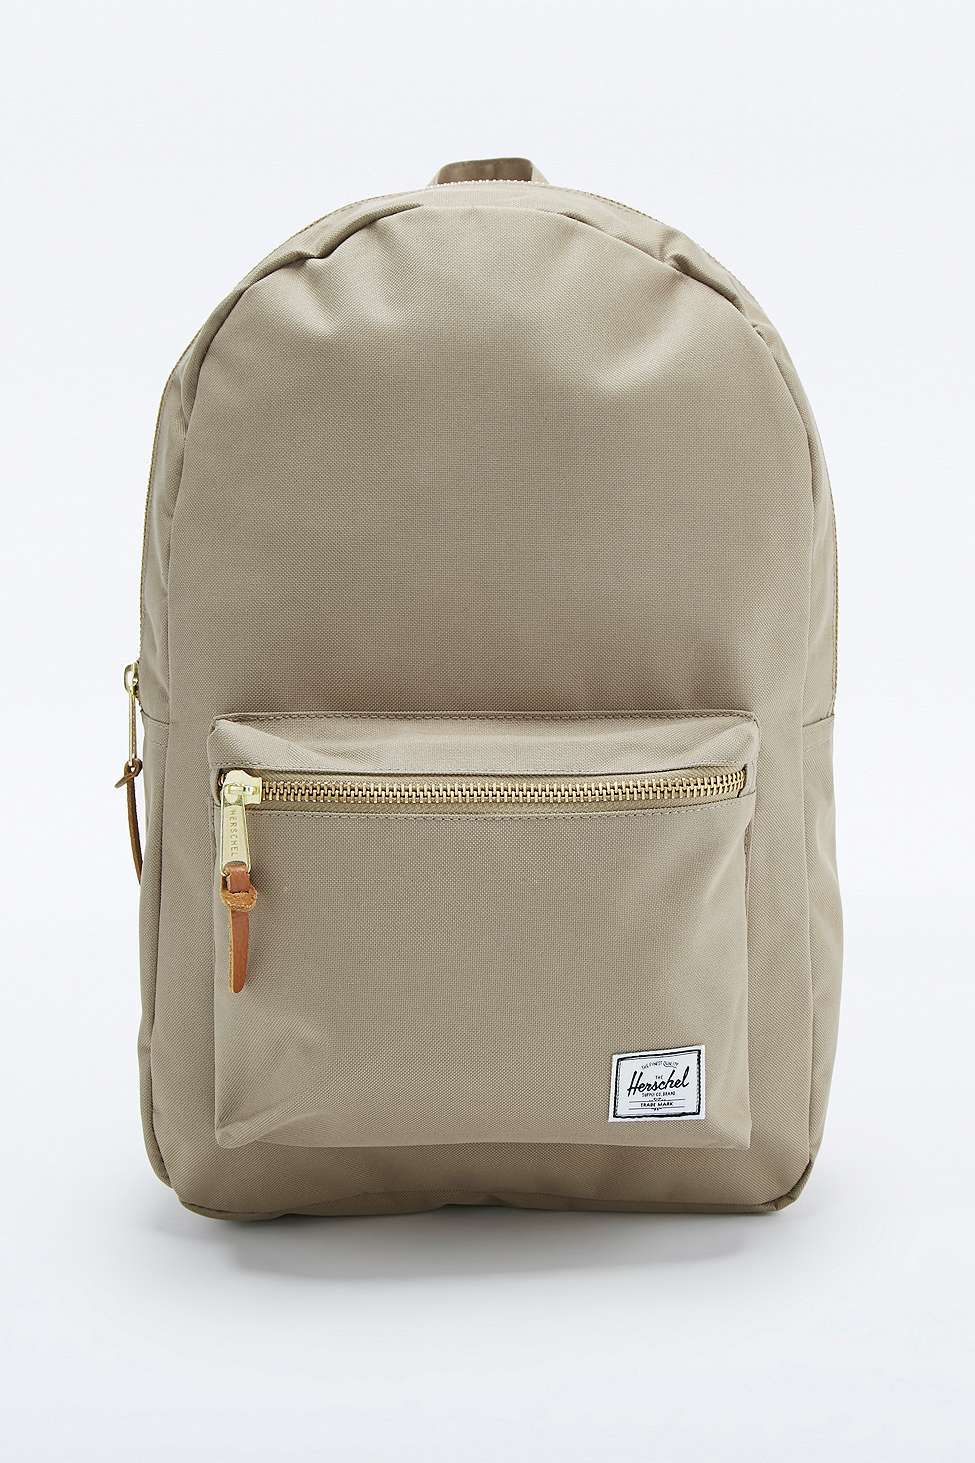 4b17e4c1e8e6 Herschel Supply co. Settlement Beige Backpack